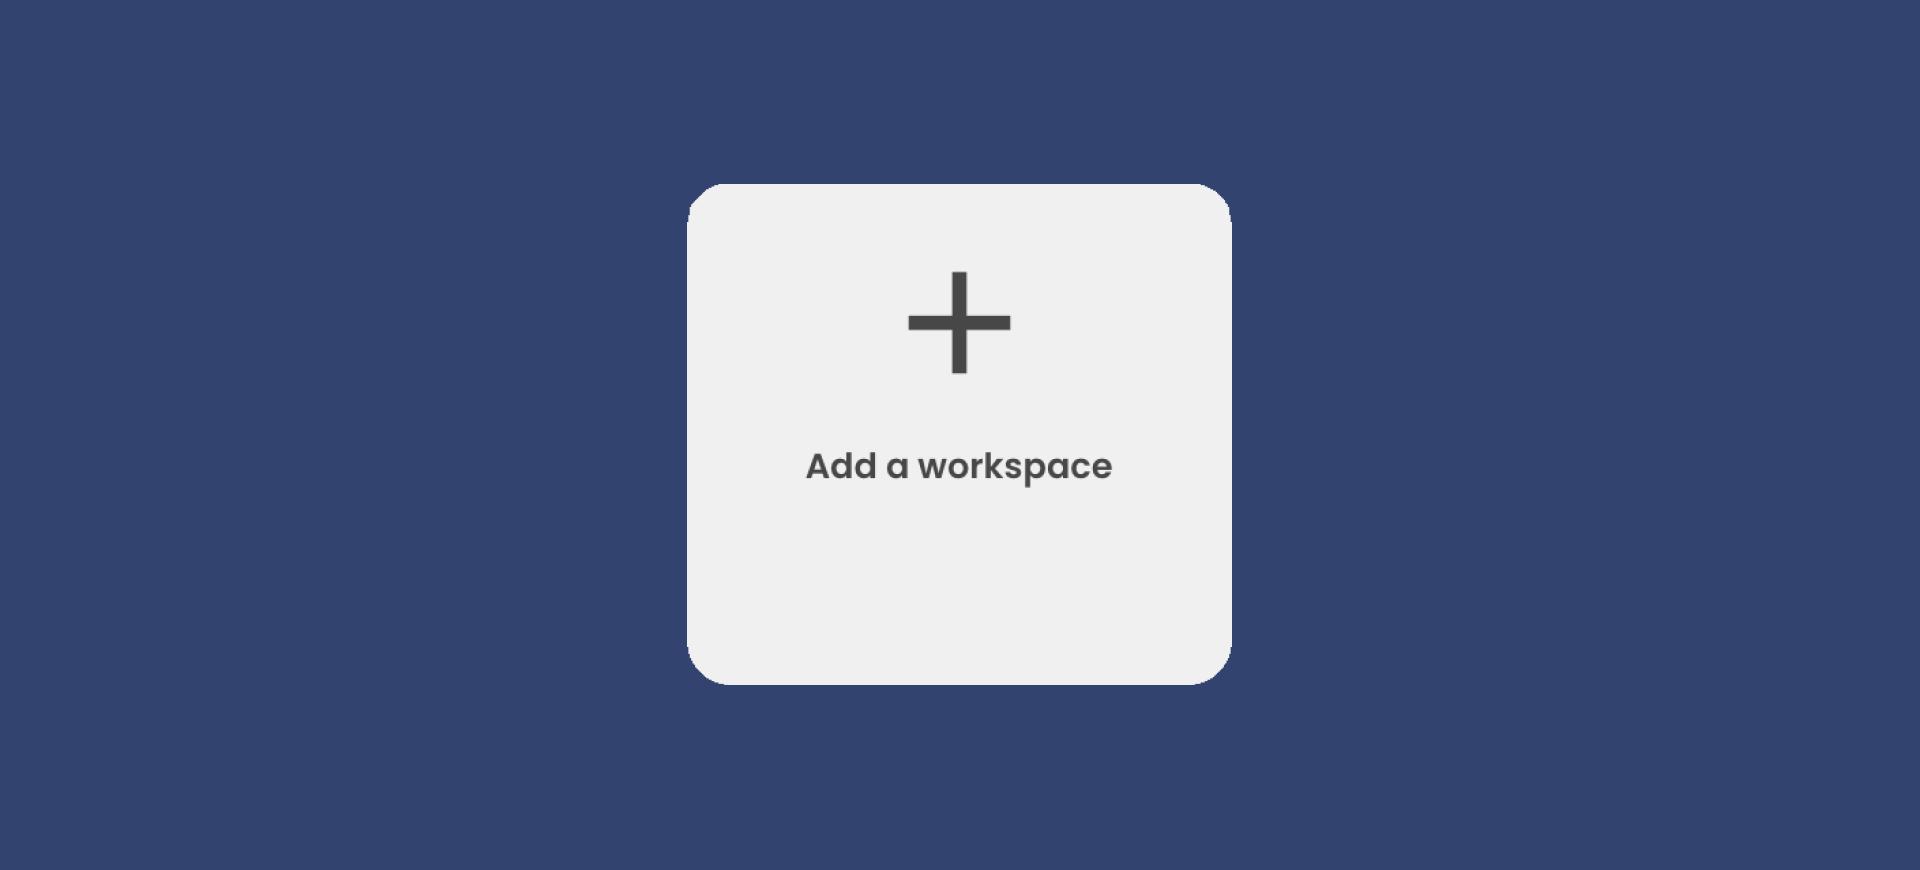 Révision du système des workspaces